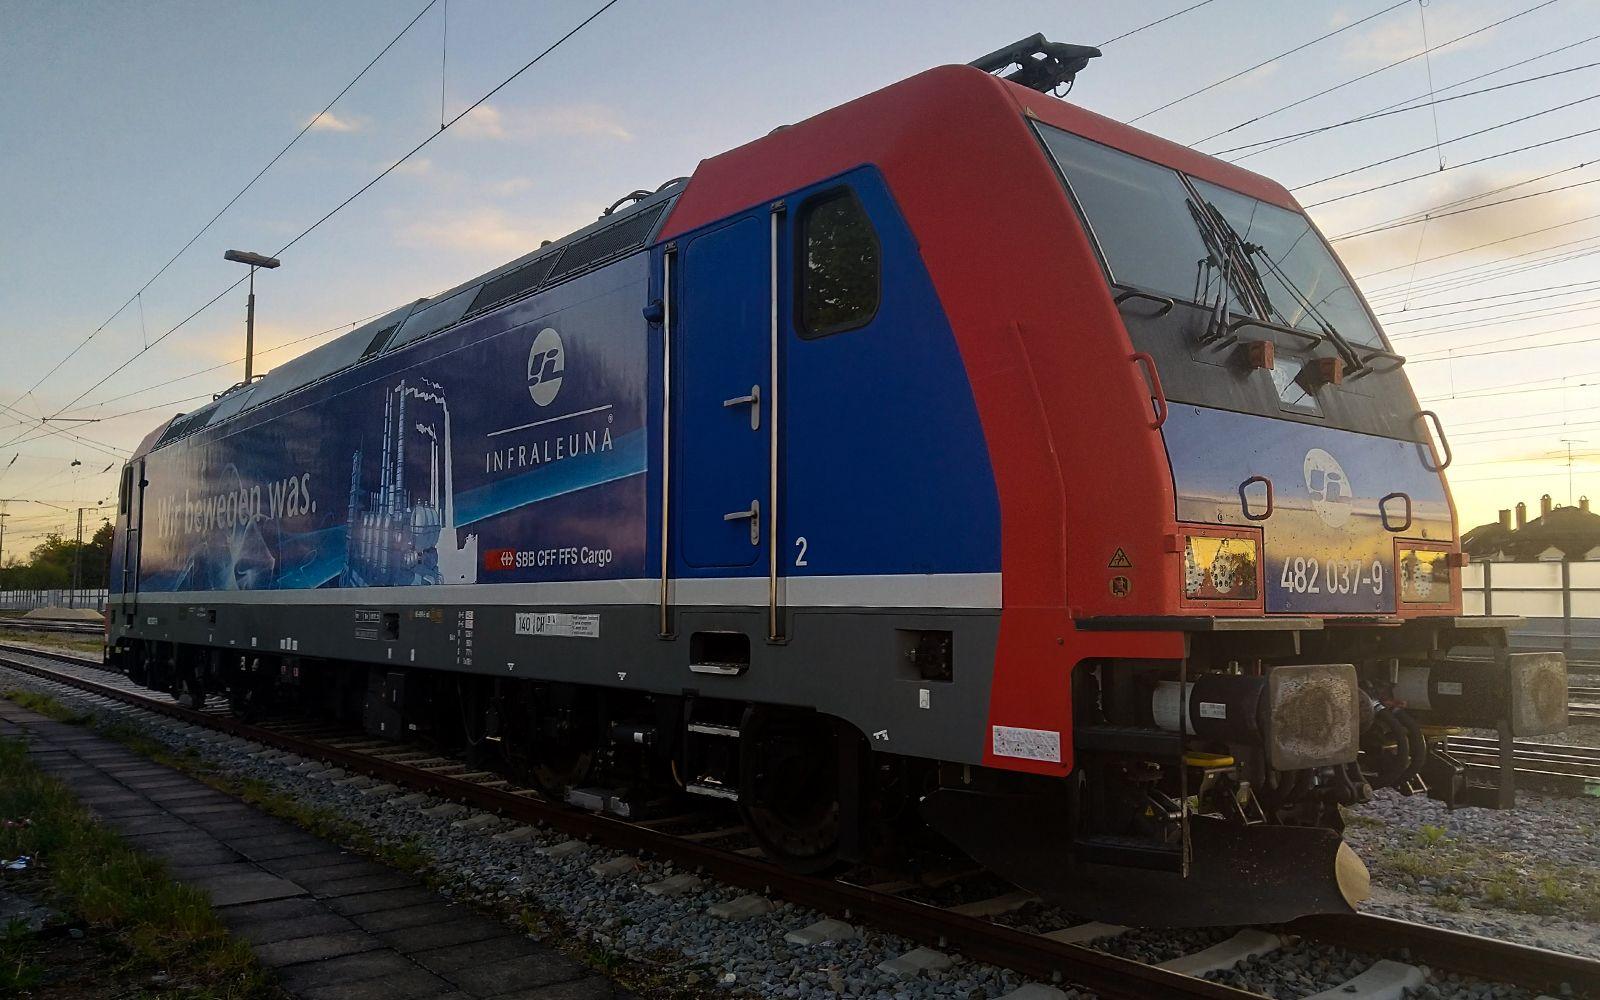 ©Foto: Denis Herwig | railmen | Lokführer im Dienst für InfraLeuna | Abstellung bei Augsburg